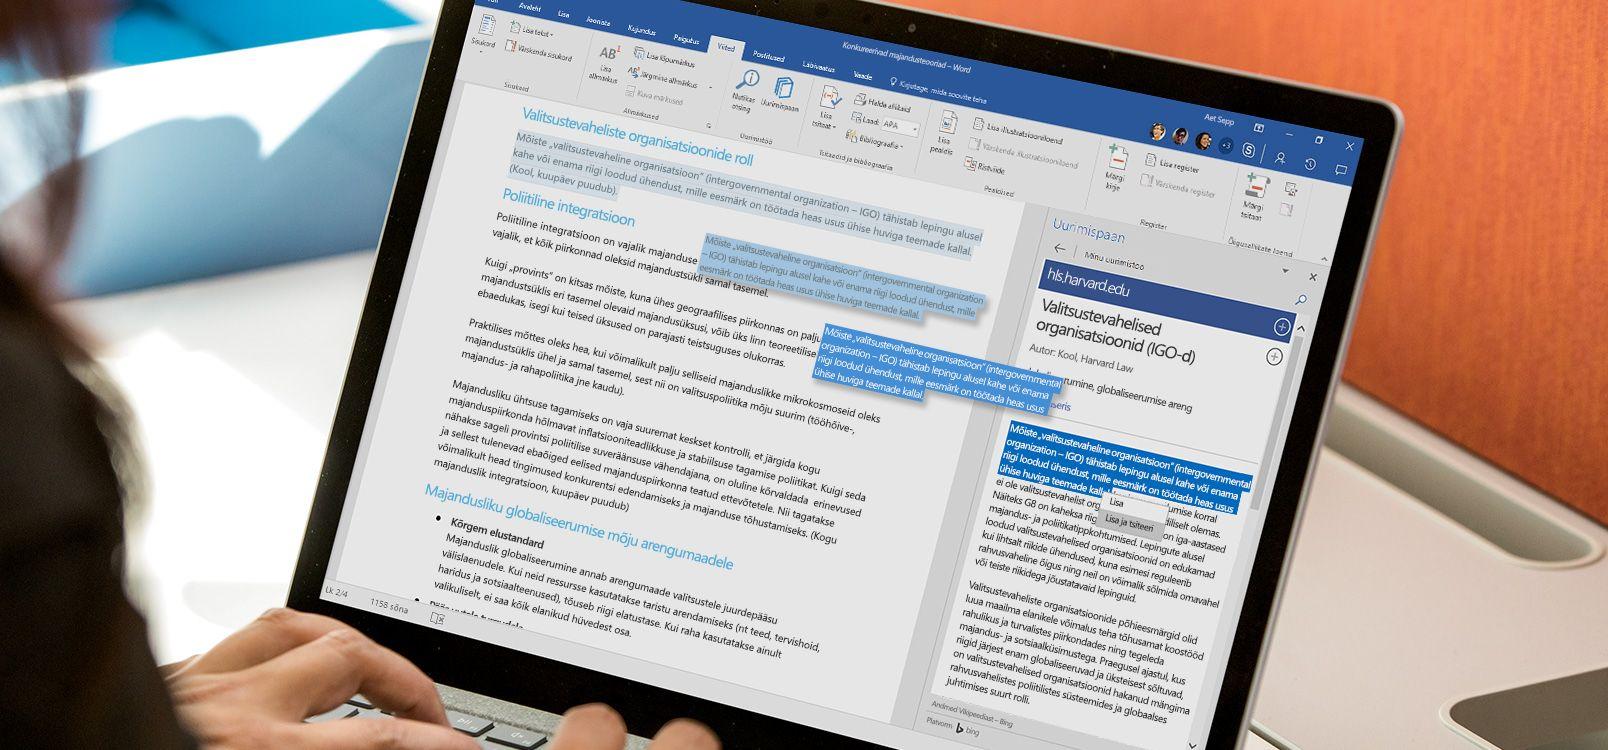 Sülearvuti ekraan, kus on kuvatud Wordi dokumendis avatud uurimispaan